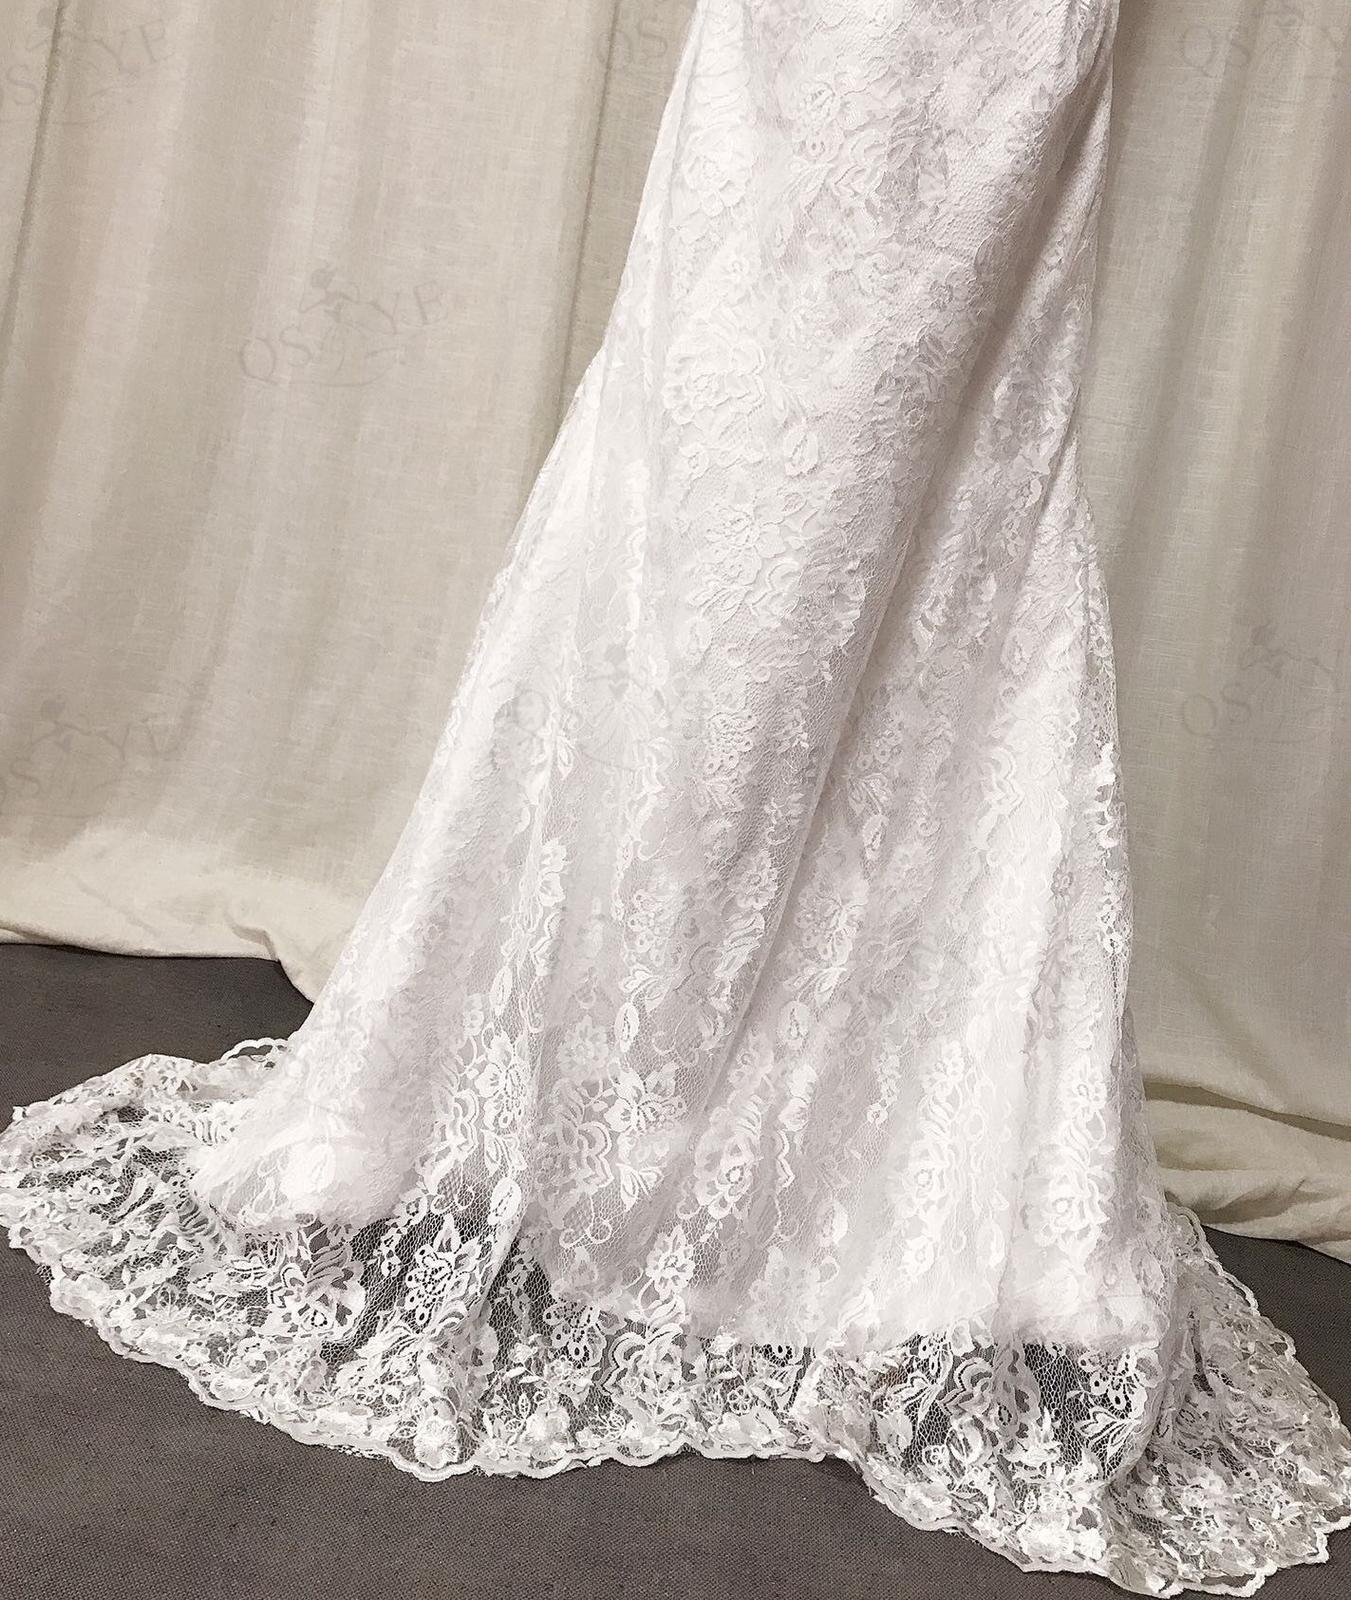 Svadobné šaty skladom - EU36/38 - Obrázok č. 3